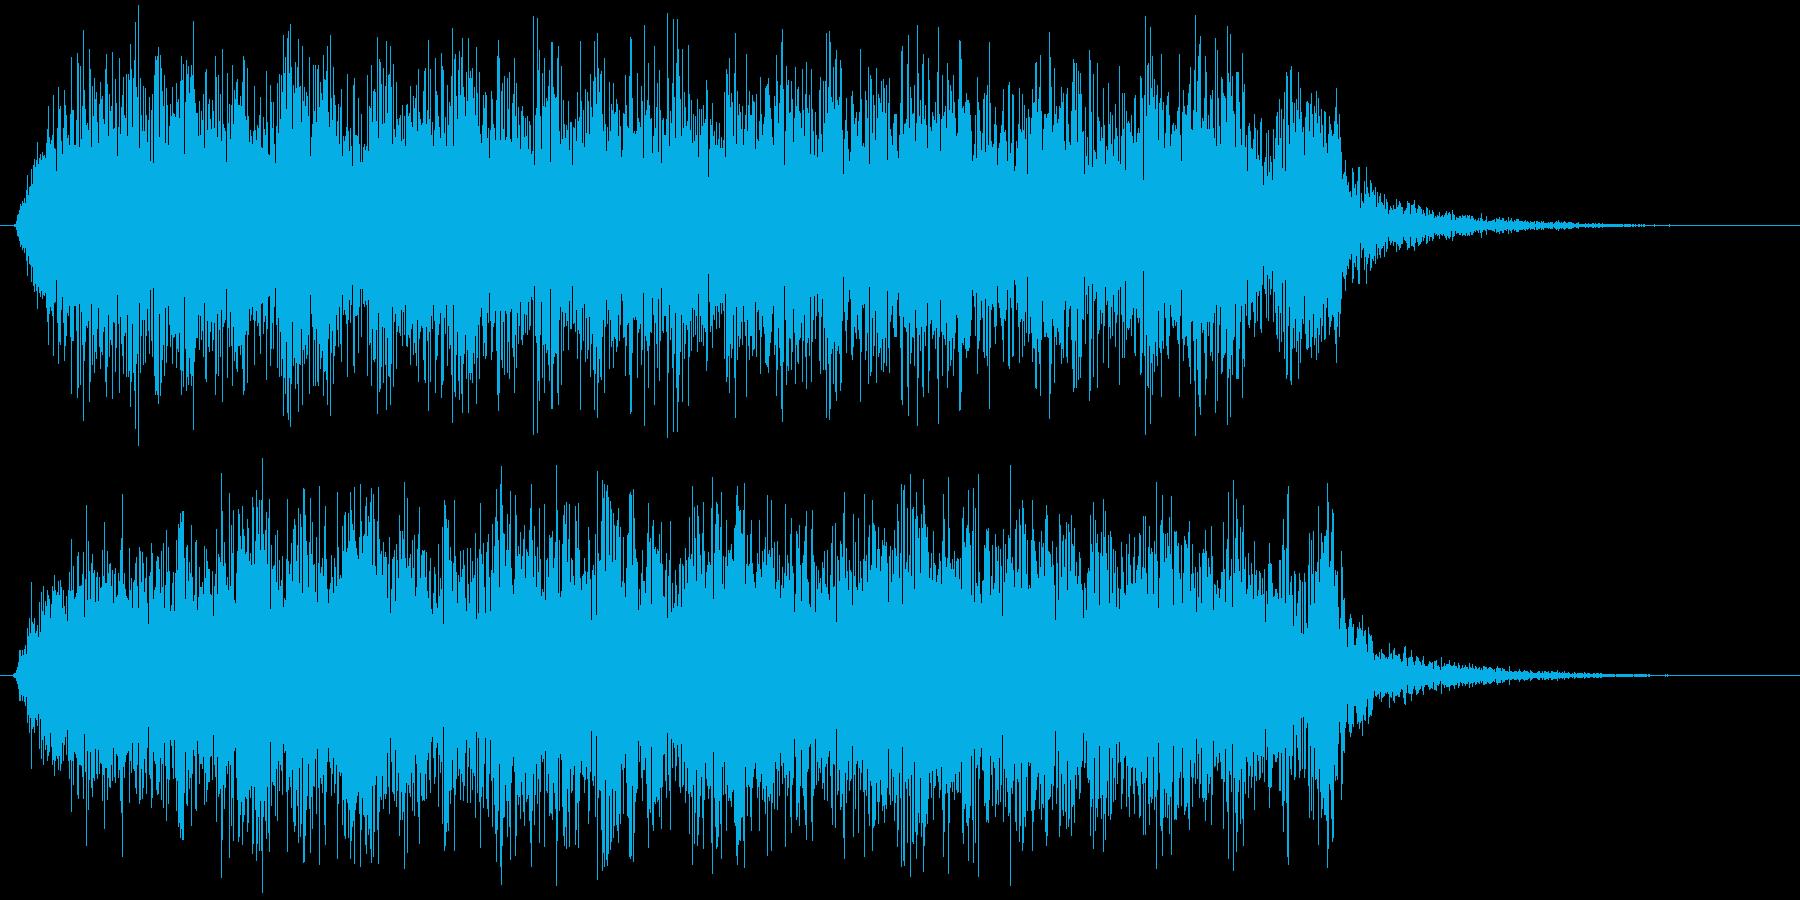 サスペンストリルの再生済みの波形